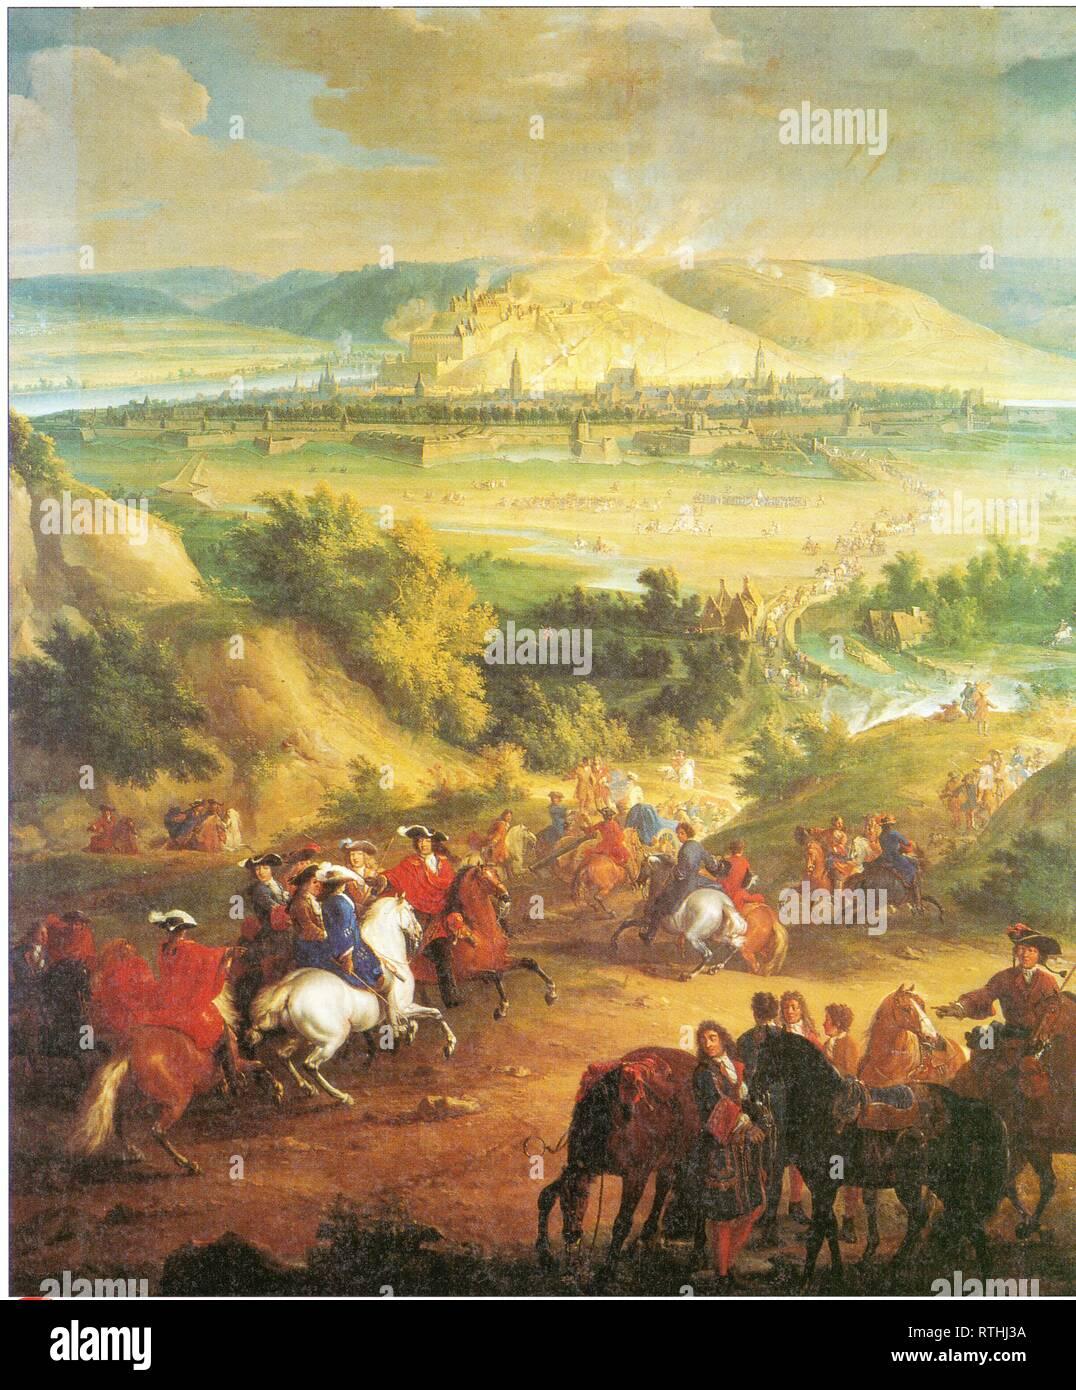 UNE EUROPE EN GUERRE.JEAN-BAPTISTE MARTIN.LA PRISE DE NAMUR PAR LOUIS XIV.1 ER JUIN 1692. - Stock Image